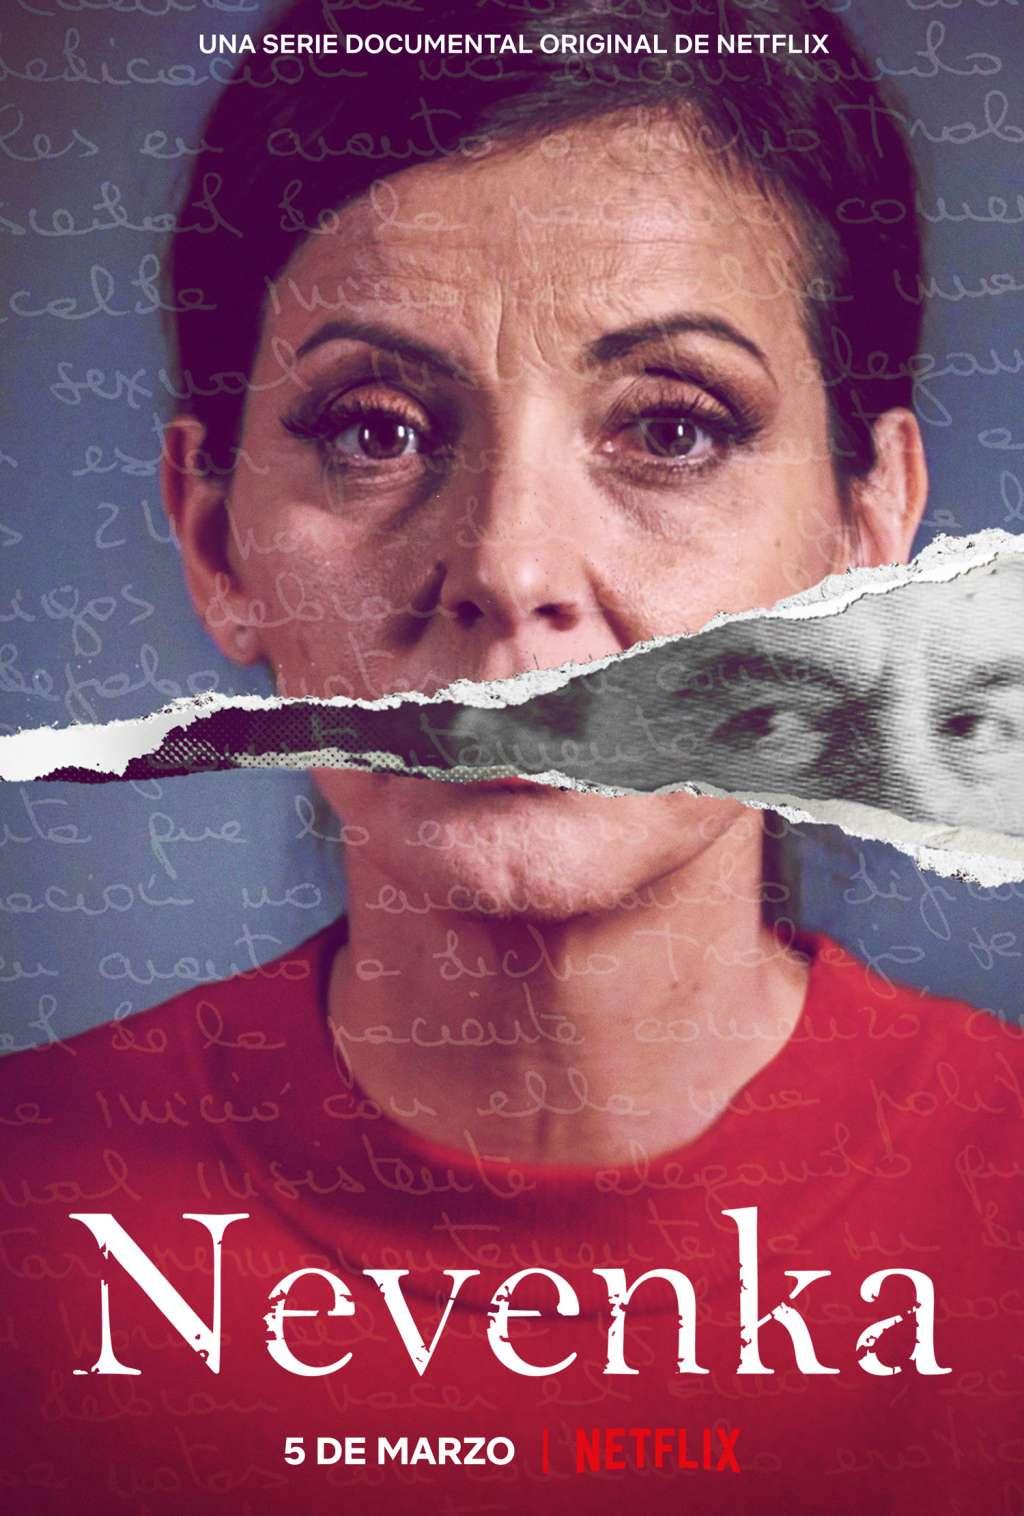 Nevenka: Breaking the Silence kapak